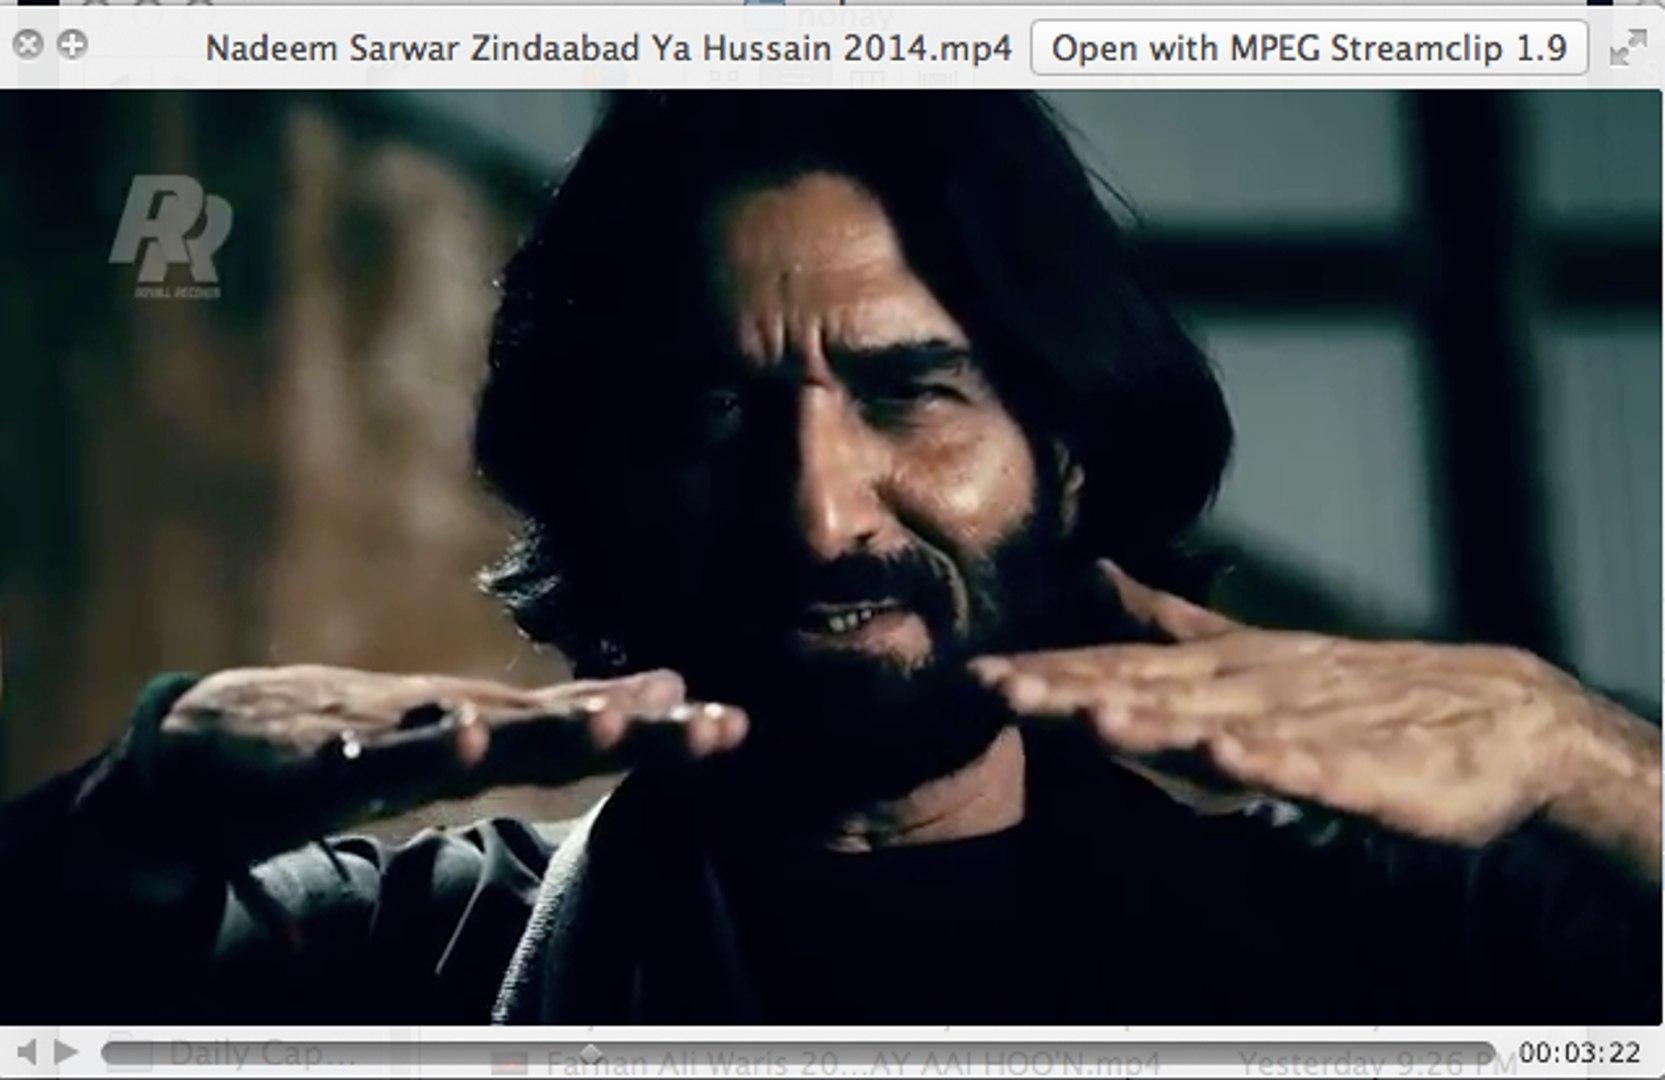 Nadeem Sarwar Zindaabad Ya Hussain